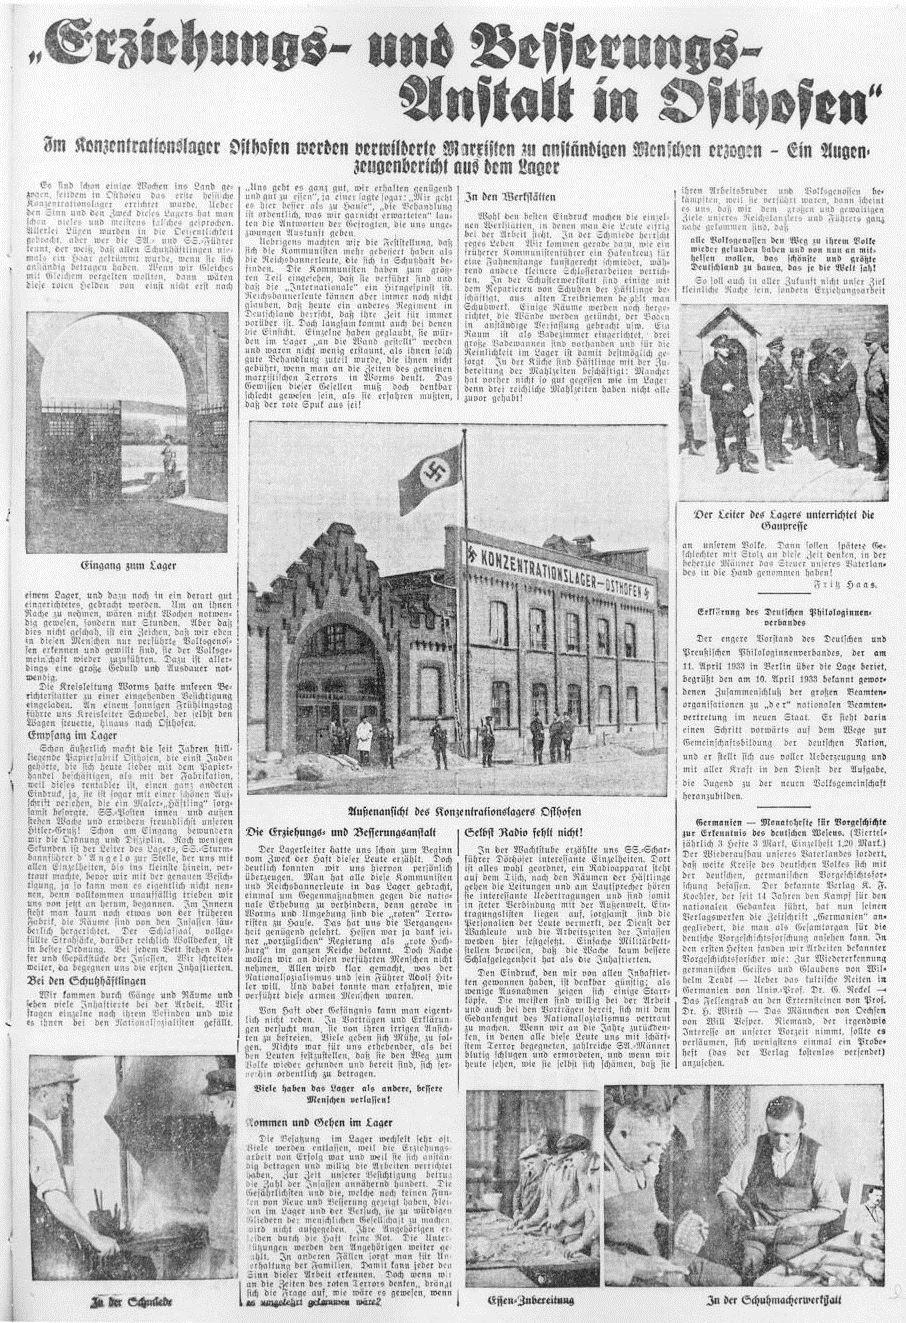 """Der Zeitungsbericht der gleichgeschalteten NS-Presse über das KZ Osthofen singt eine Lobeshymne auf den Erziehungsanspruch der Nationalsozialisten. Dies kann nur glauben, wer es glauben will. Die Gewalt gegen Regimegegner ist bekannt. Die Häftlinge berichten, dass sie permanent geschlagen oder erniedrigt wurden. Anfangs mussten sie auf dem kalten Zementboden schlafen. Aus: """"Niersteiner Rheinwarte"""" vom 22./23. April 1933"""